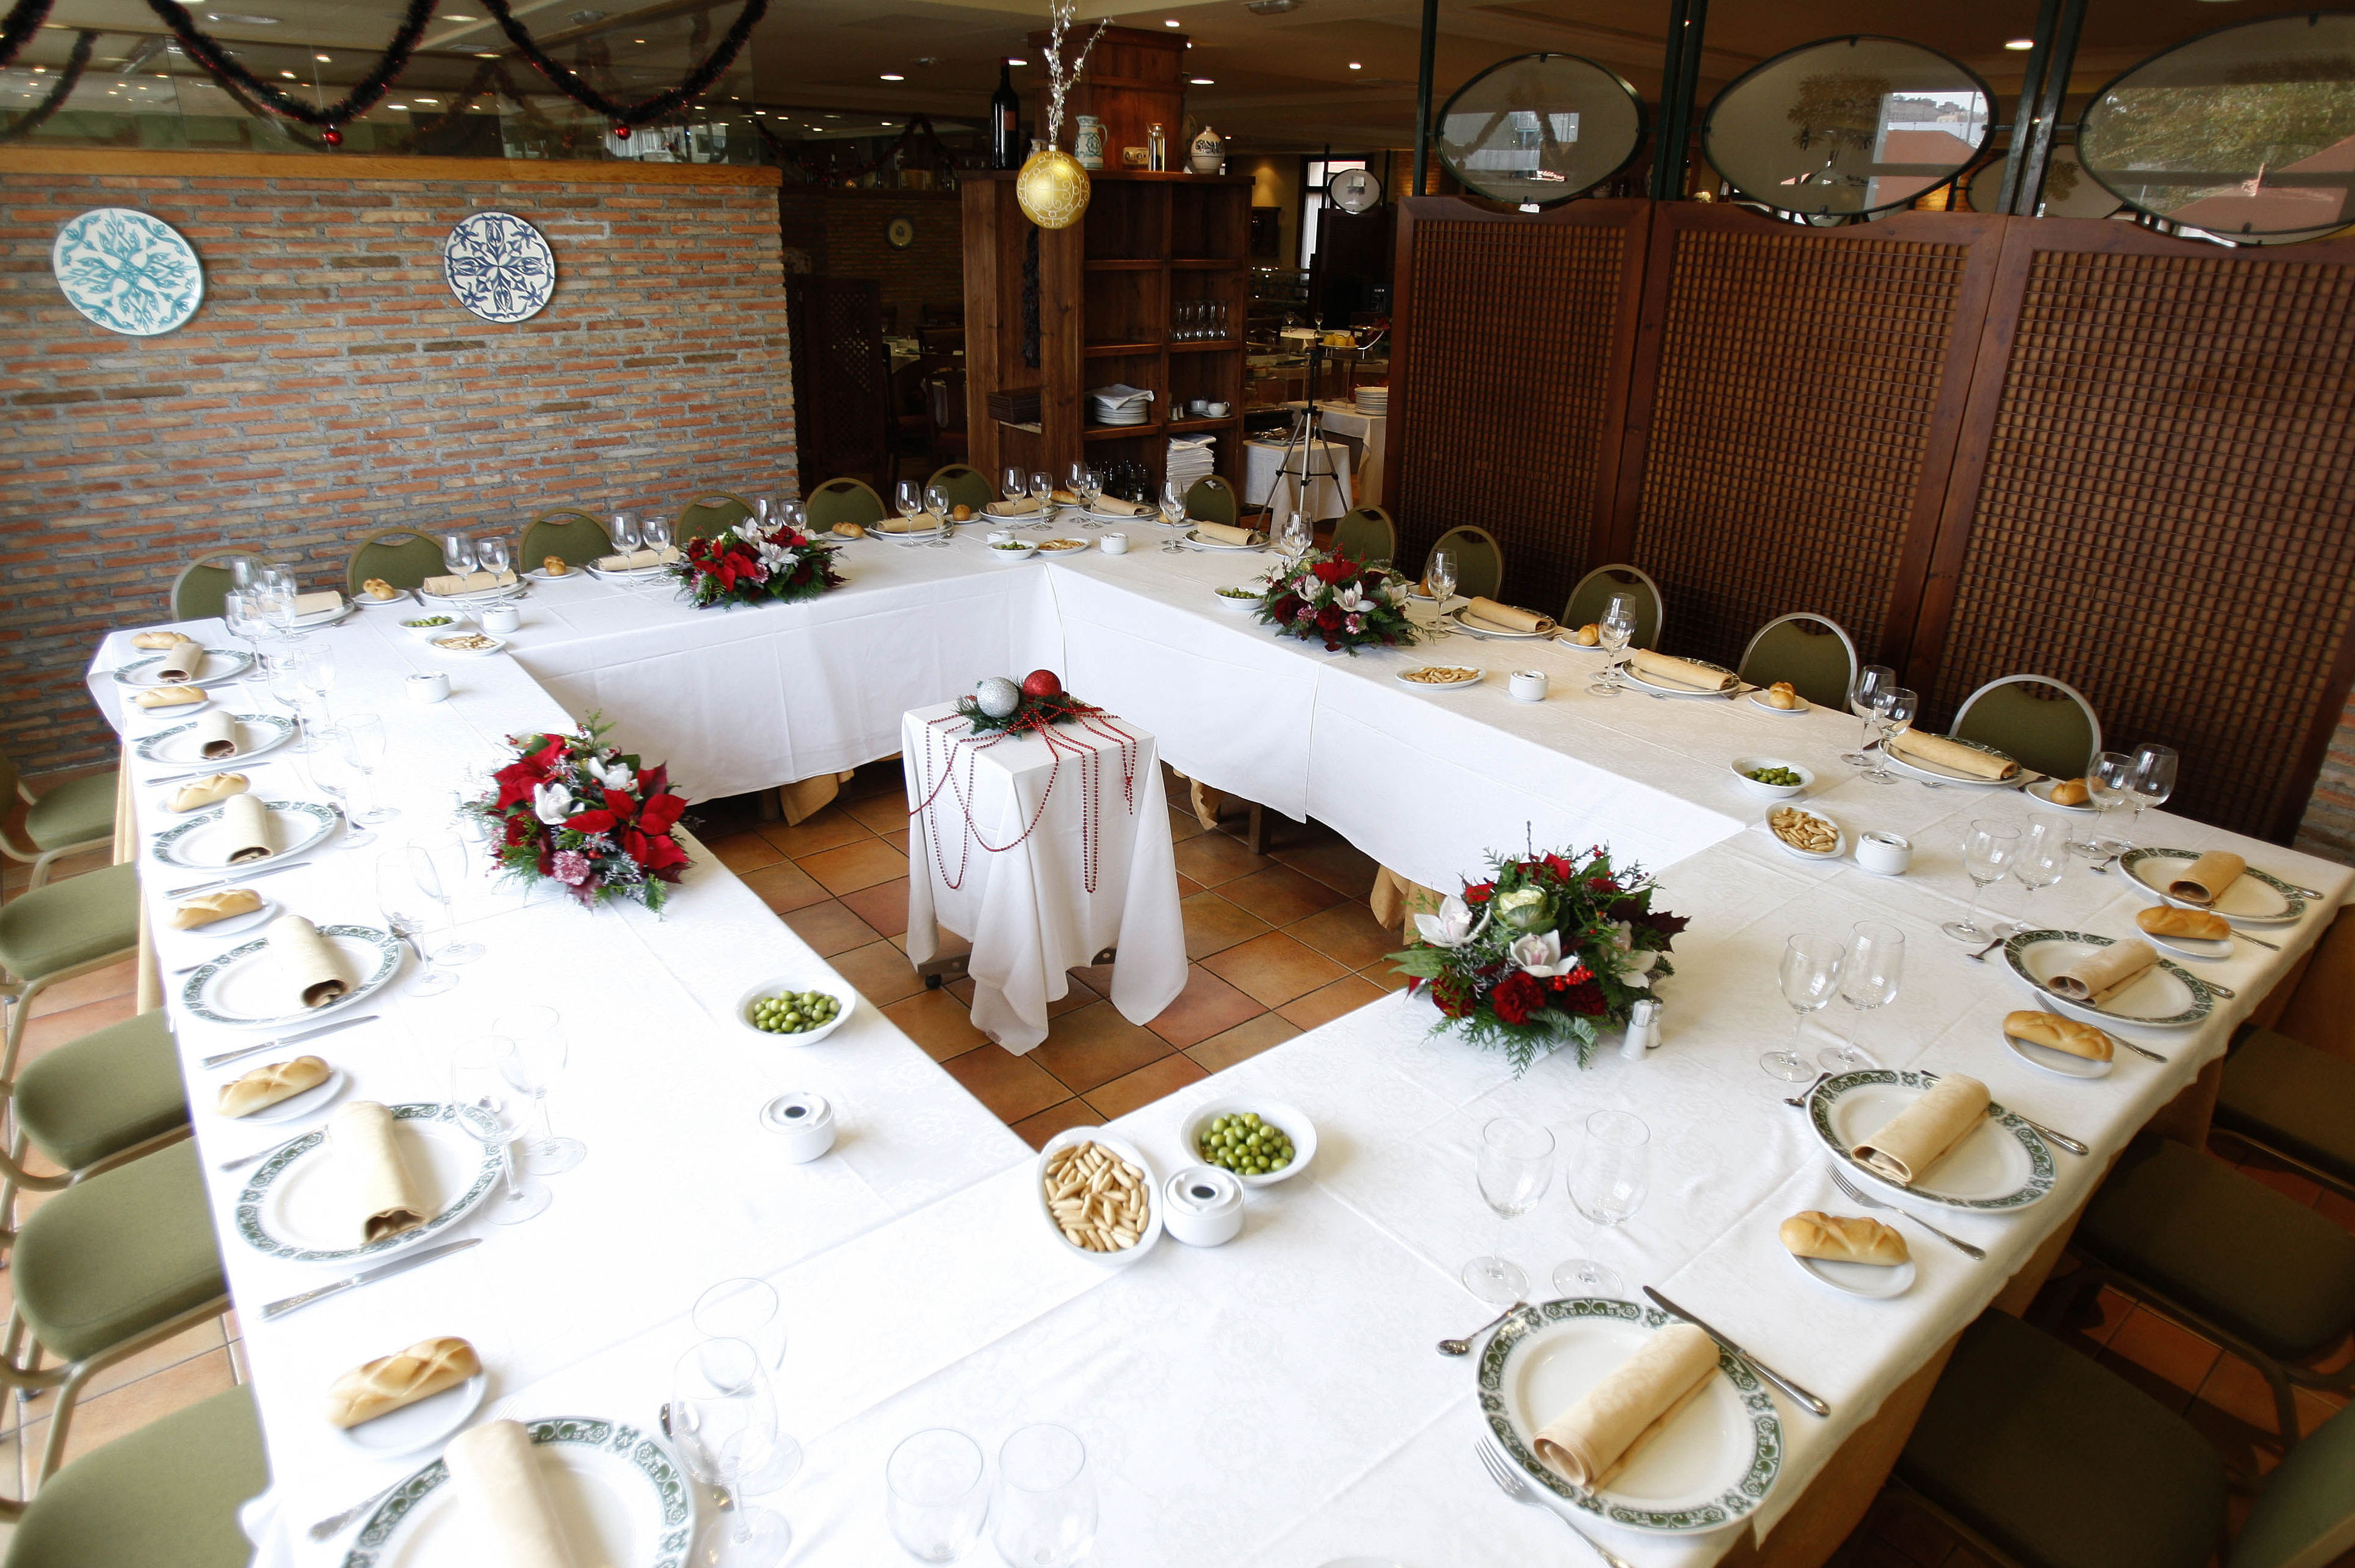 Menús Celebraciones 2018 - 2019: Nuestra Carta de Restaurante El Roble Hotel AB Arganda